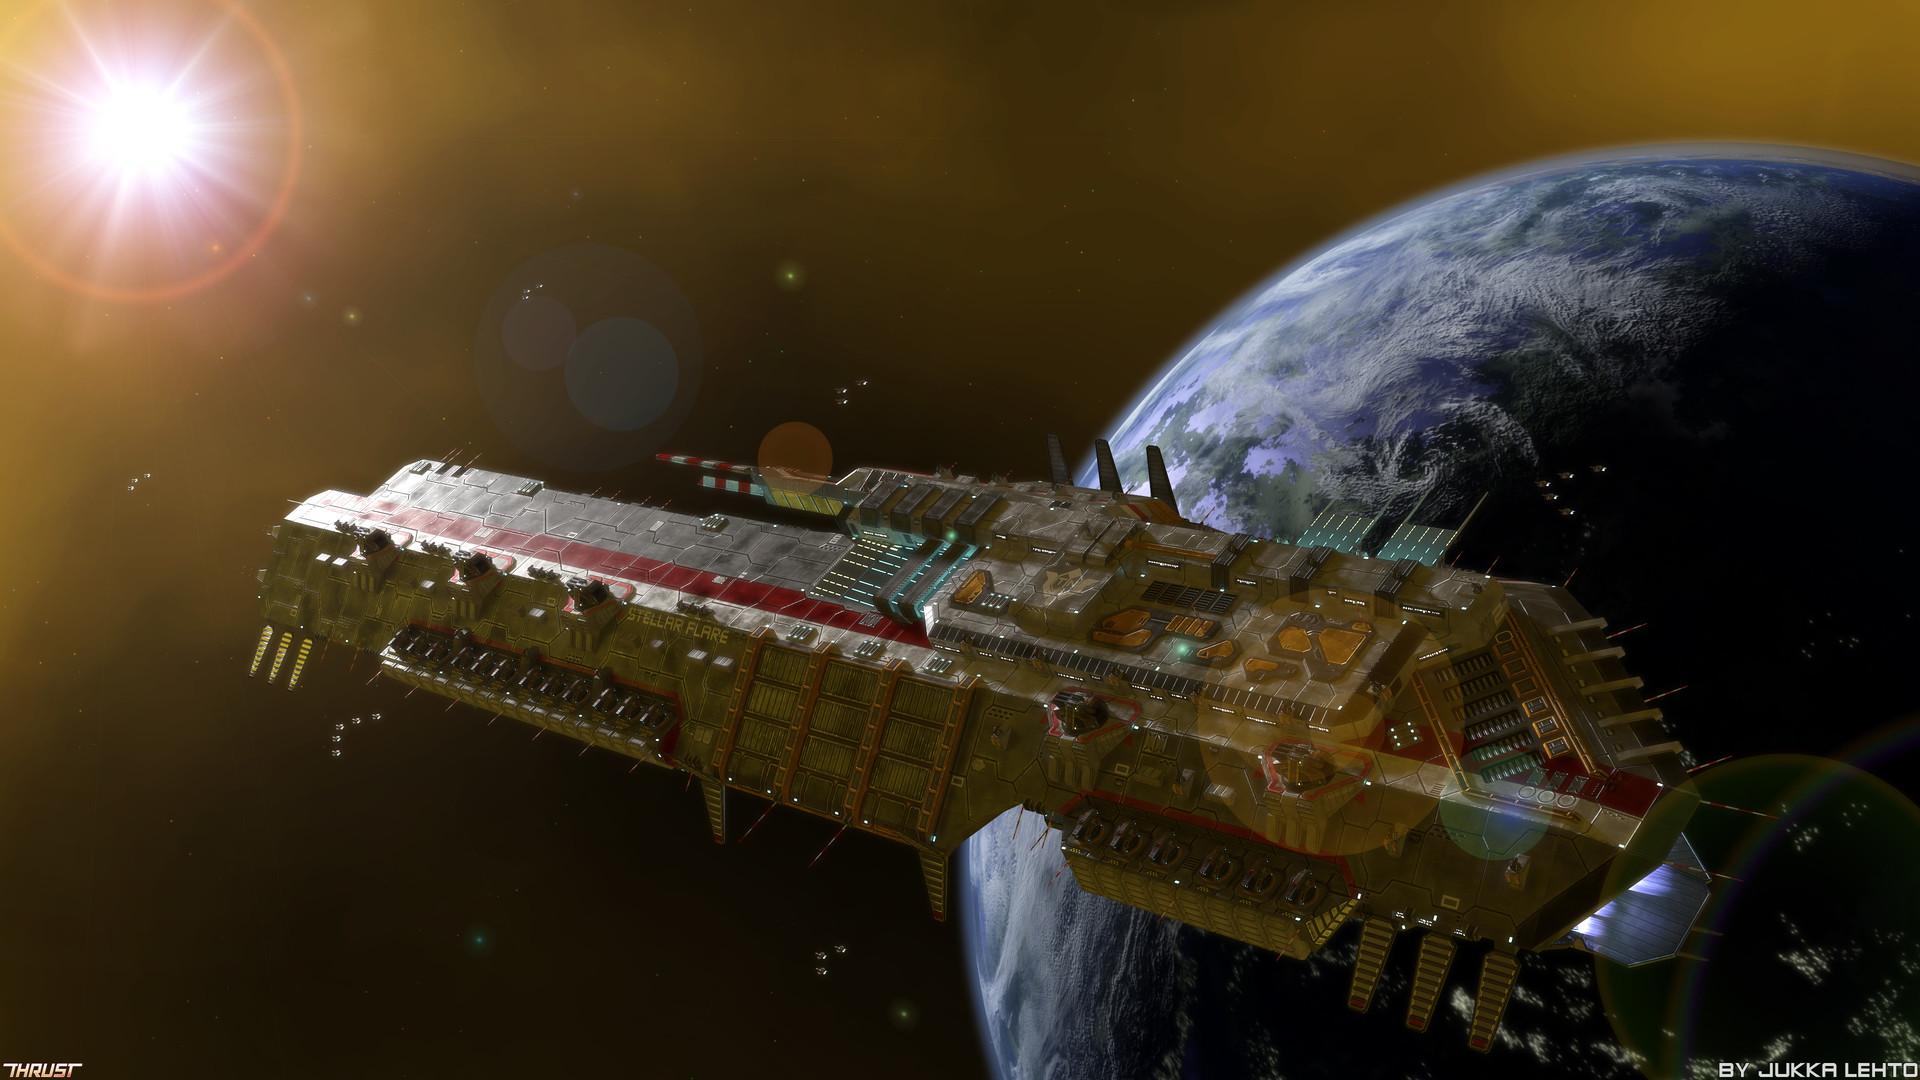 jukka-lehto-planetscene-4k.jpg?146852781